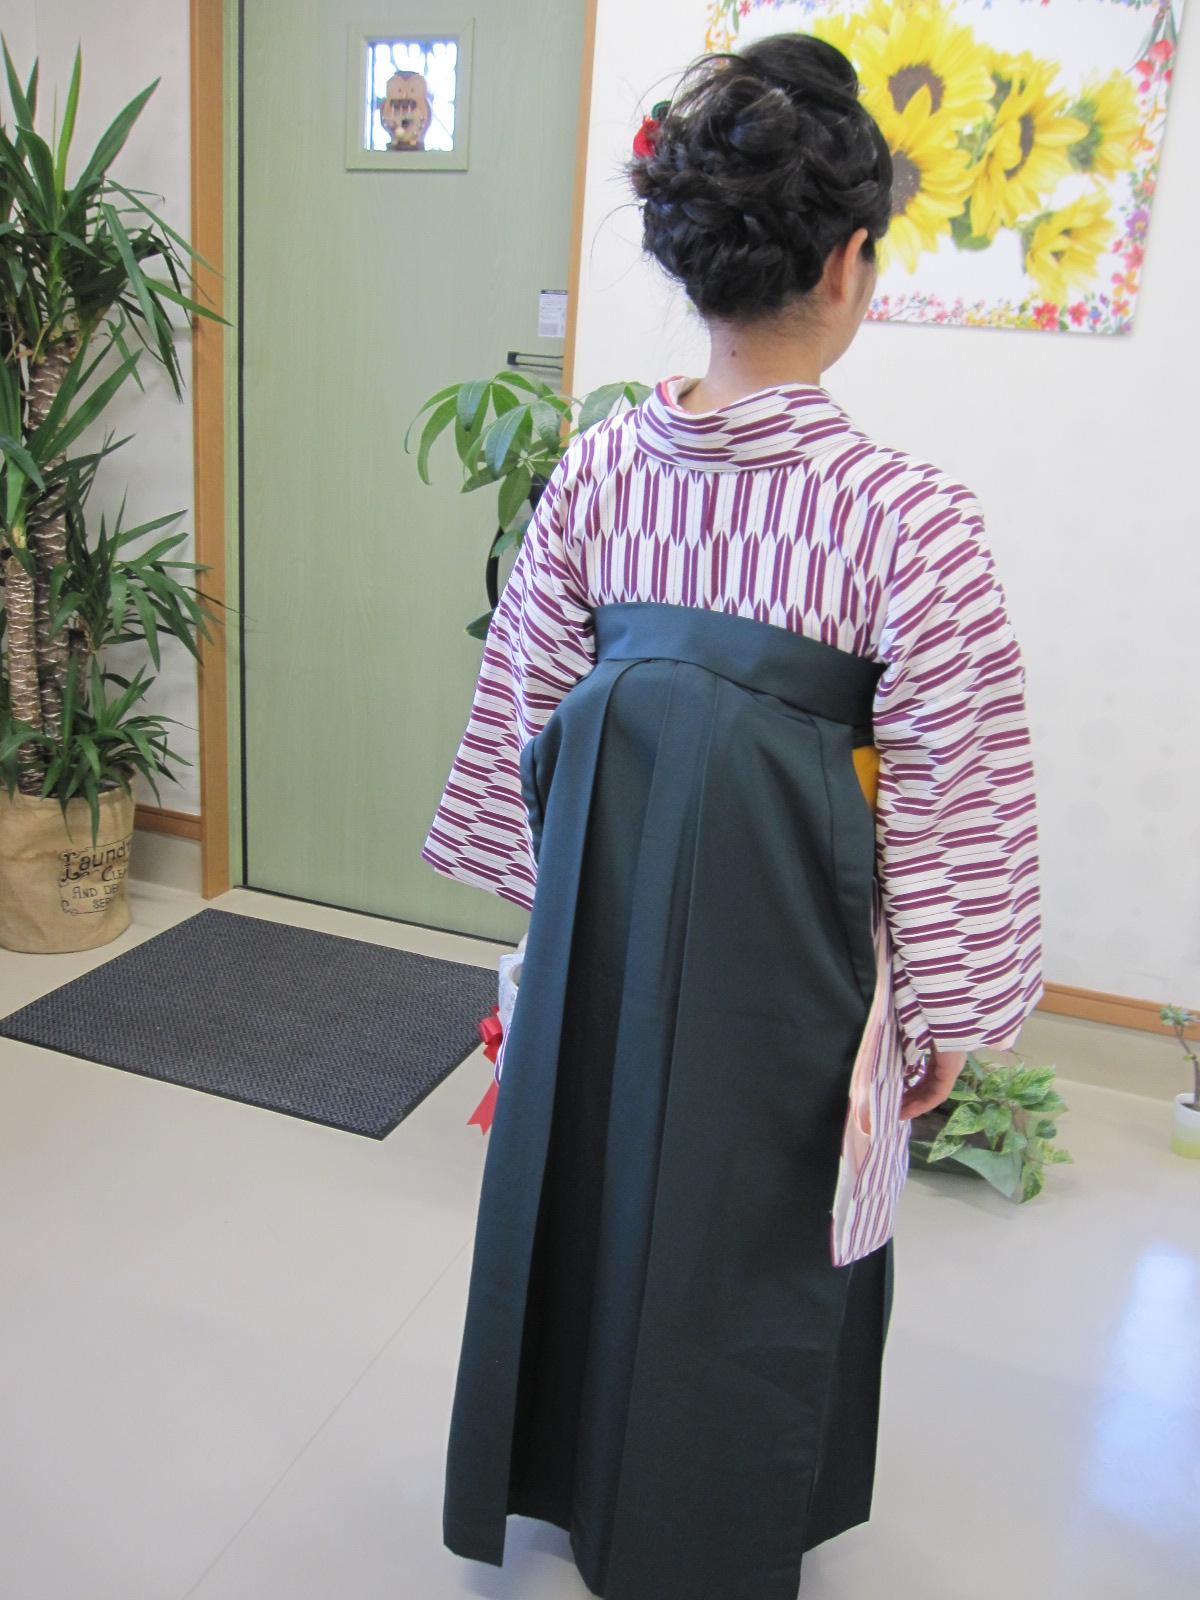 おめでとうございます。袴のきつけです。